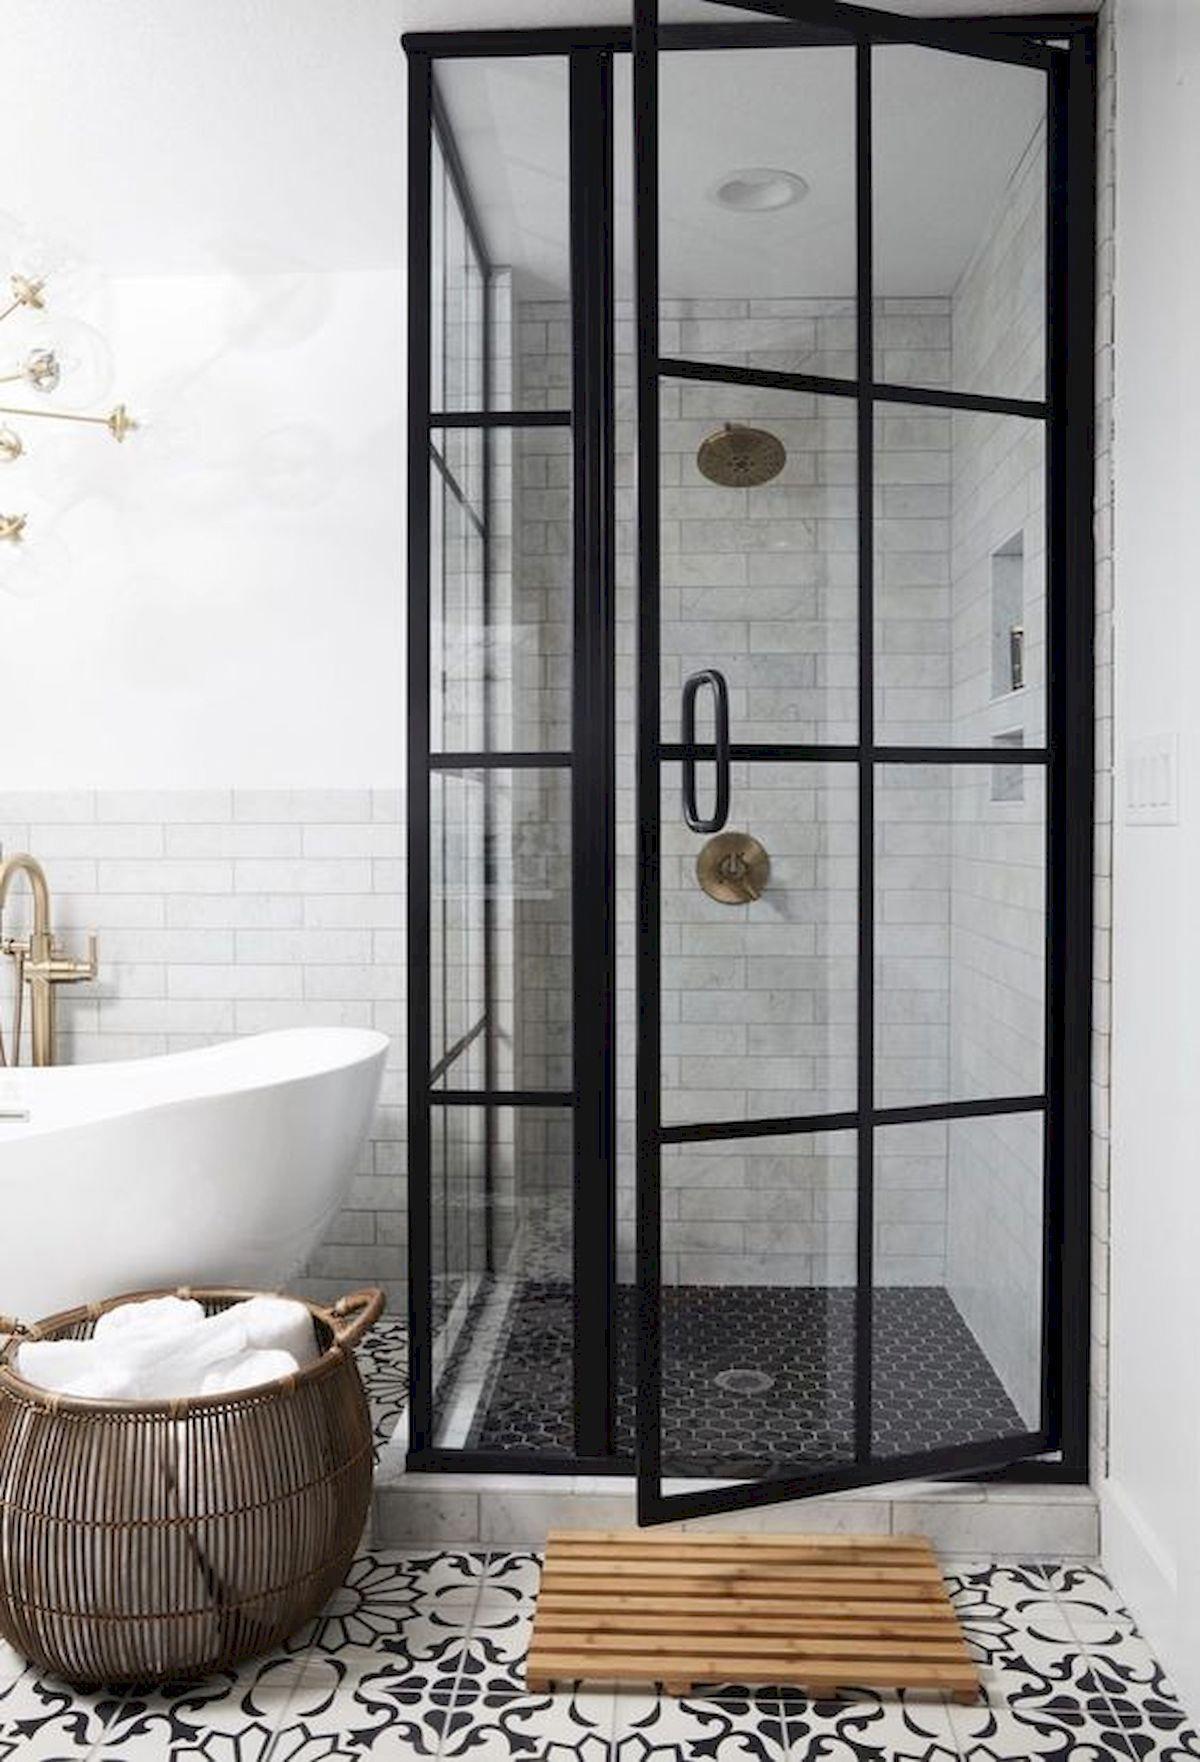 Silver Bathroom Accessories Set Unique Bathroom Accessories Cute Bath Accessories 20190326 Farmhouse Bathroom Decor Bathroom Decor Bathroom Inspiration